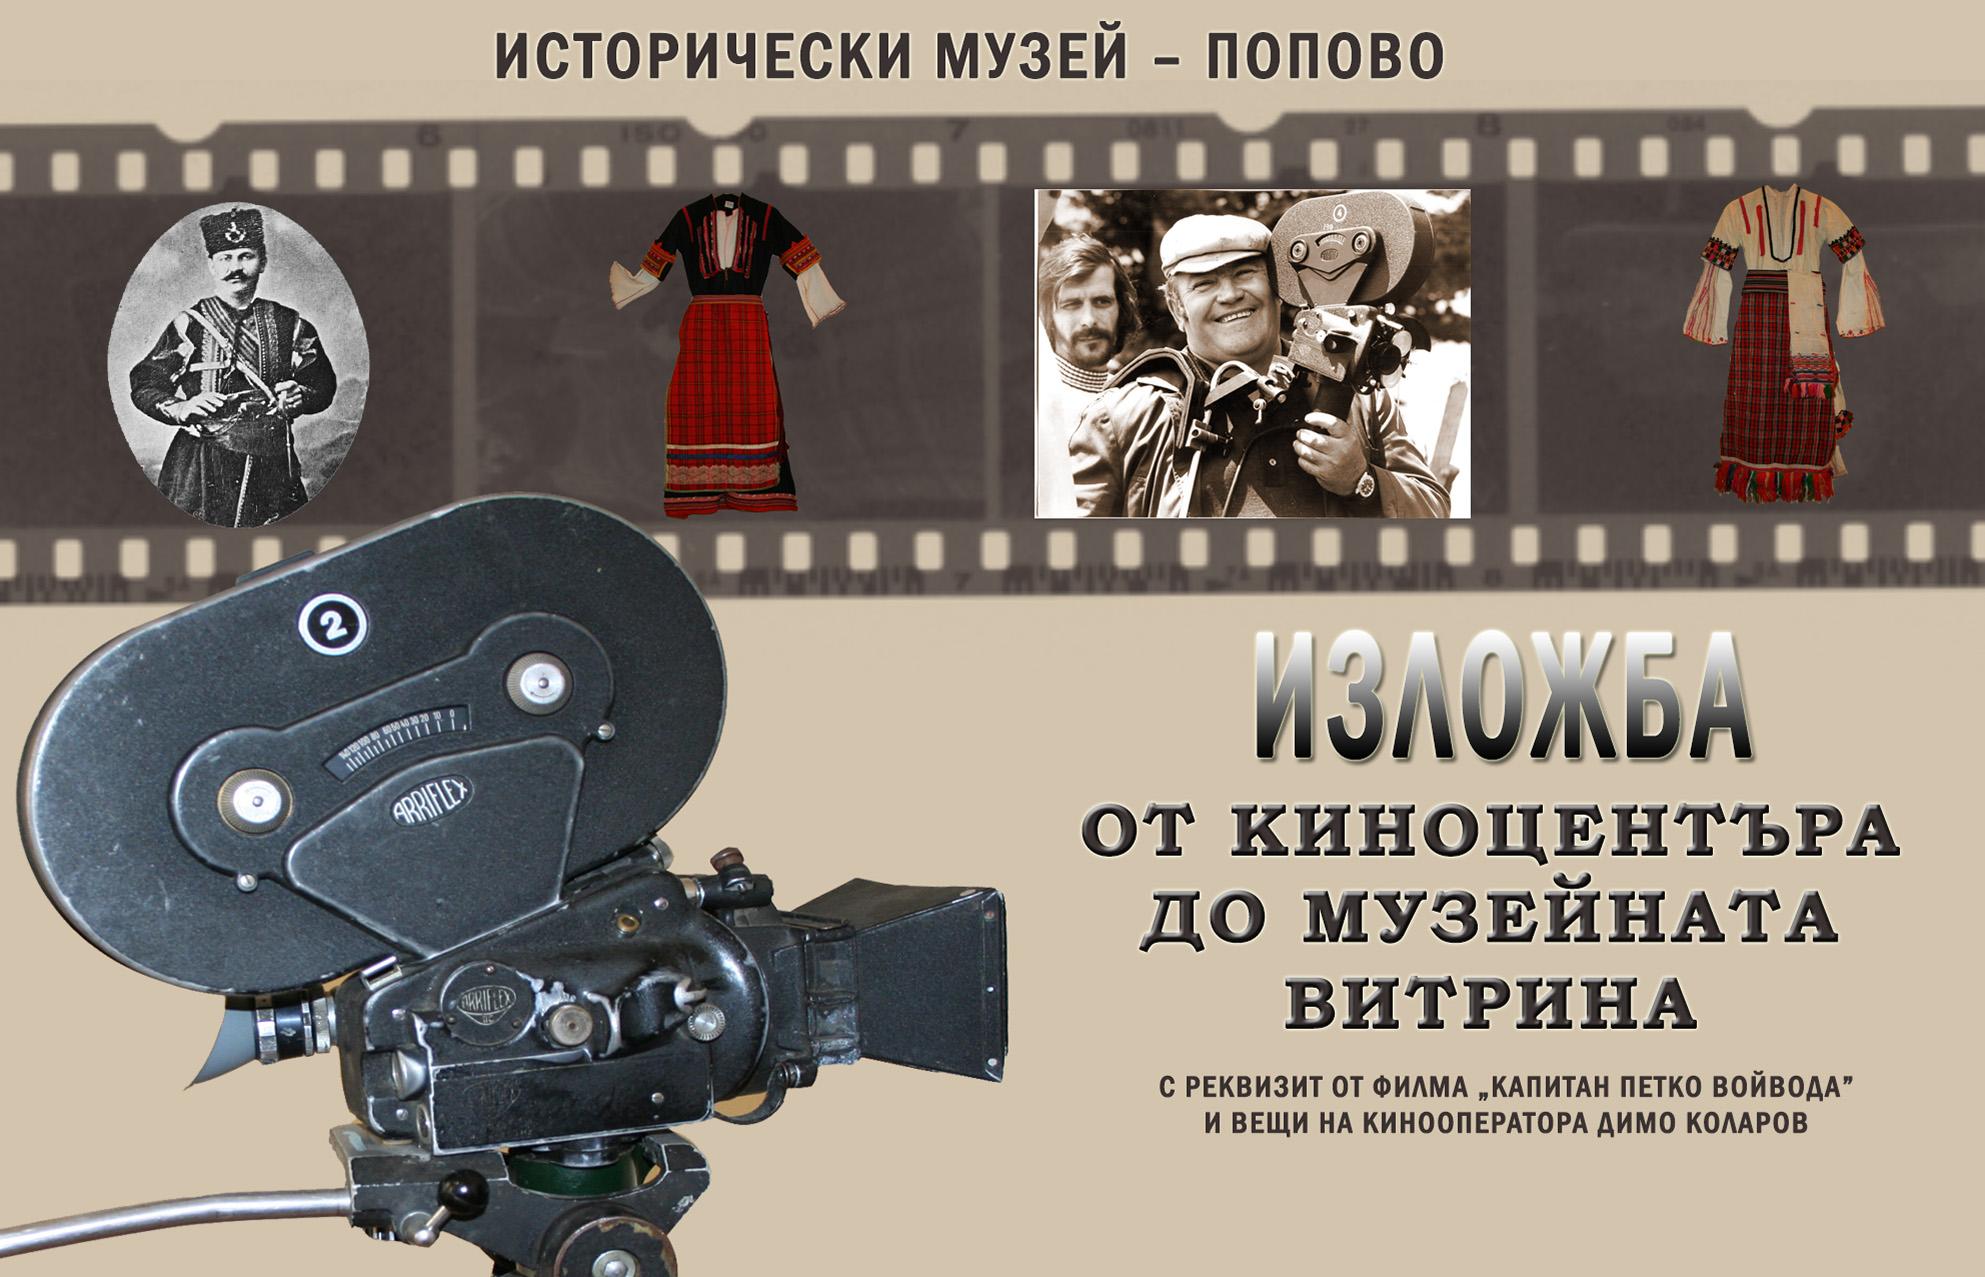 troyan-museum-ot-kinocentara-do-muzeinata-vitrina-1.1